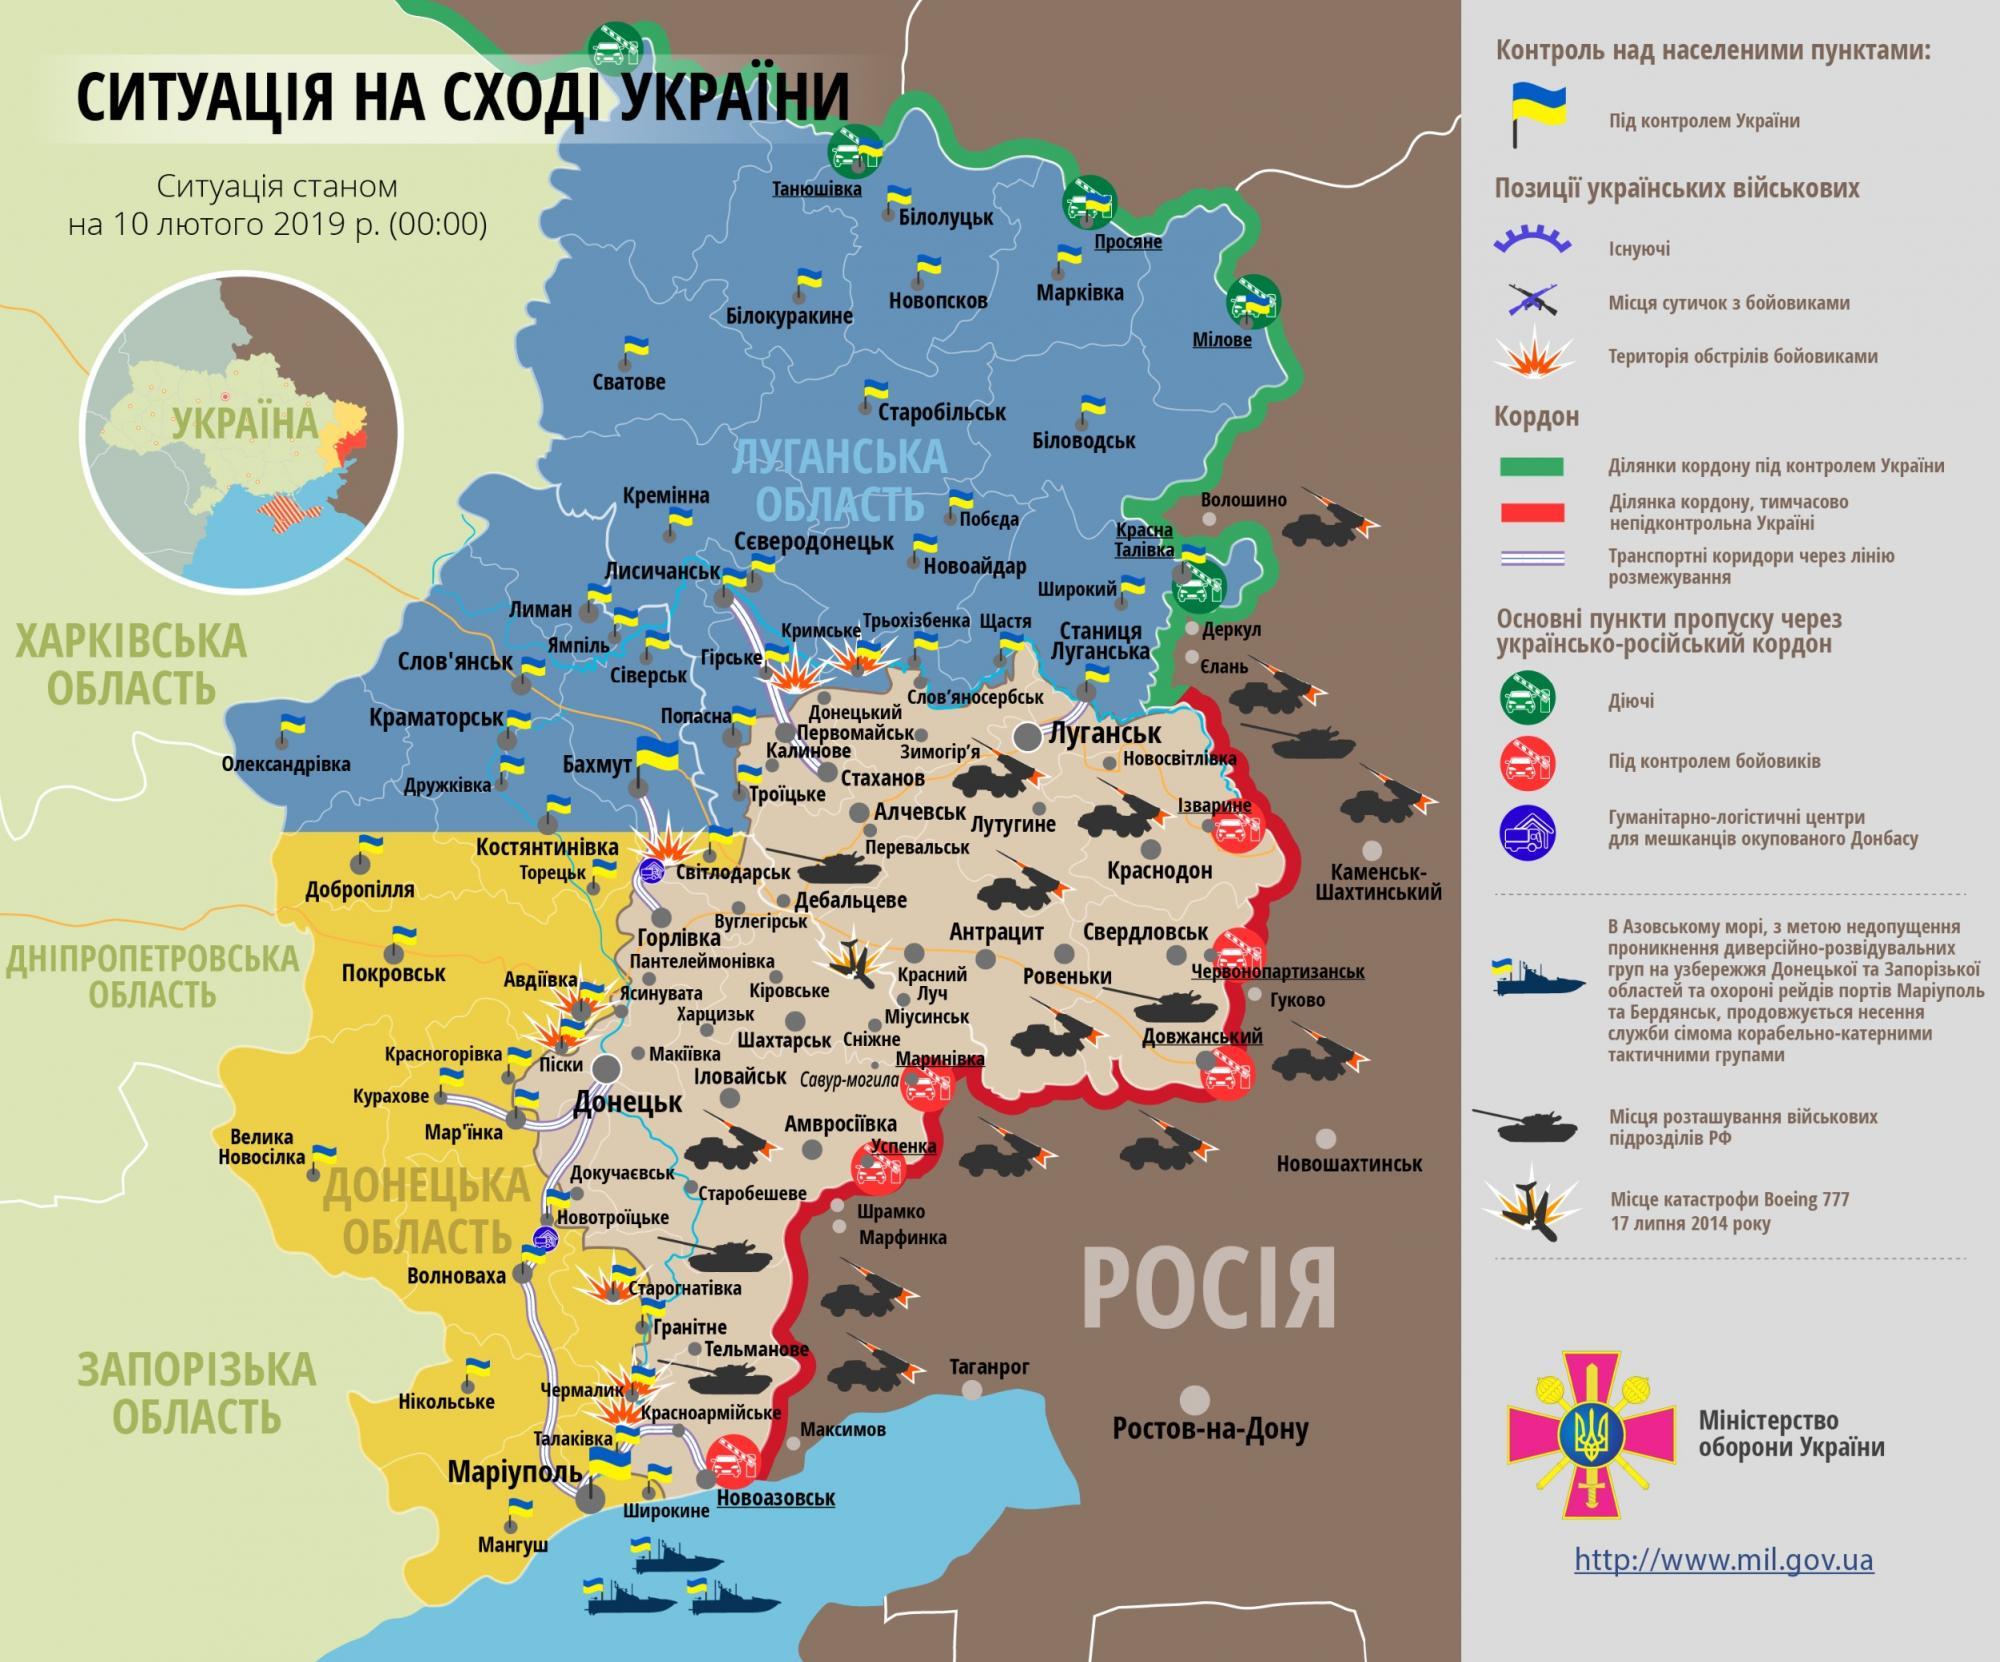 Ситуація на Донбасі станом на 10 лютого 2019